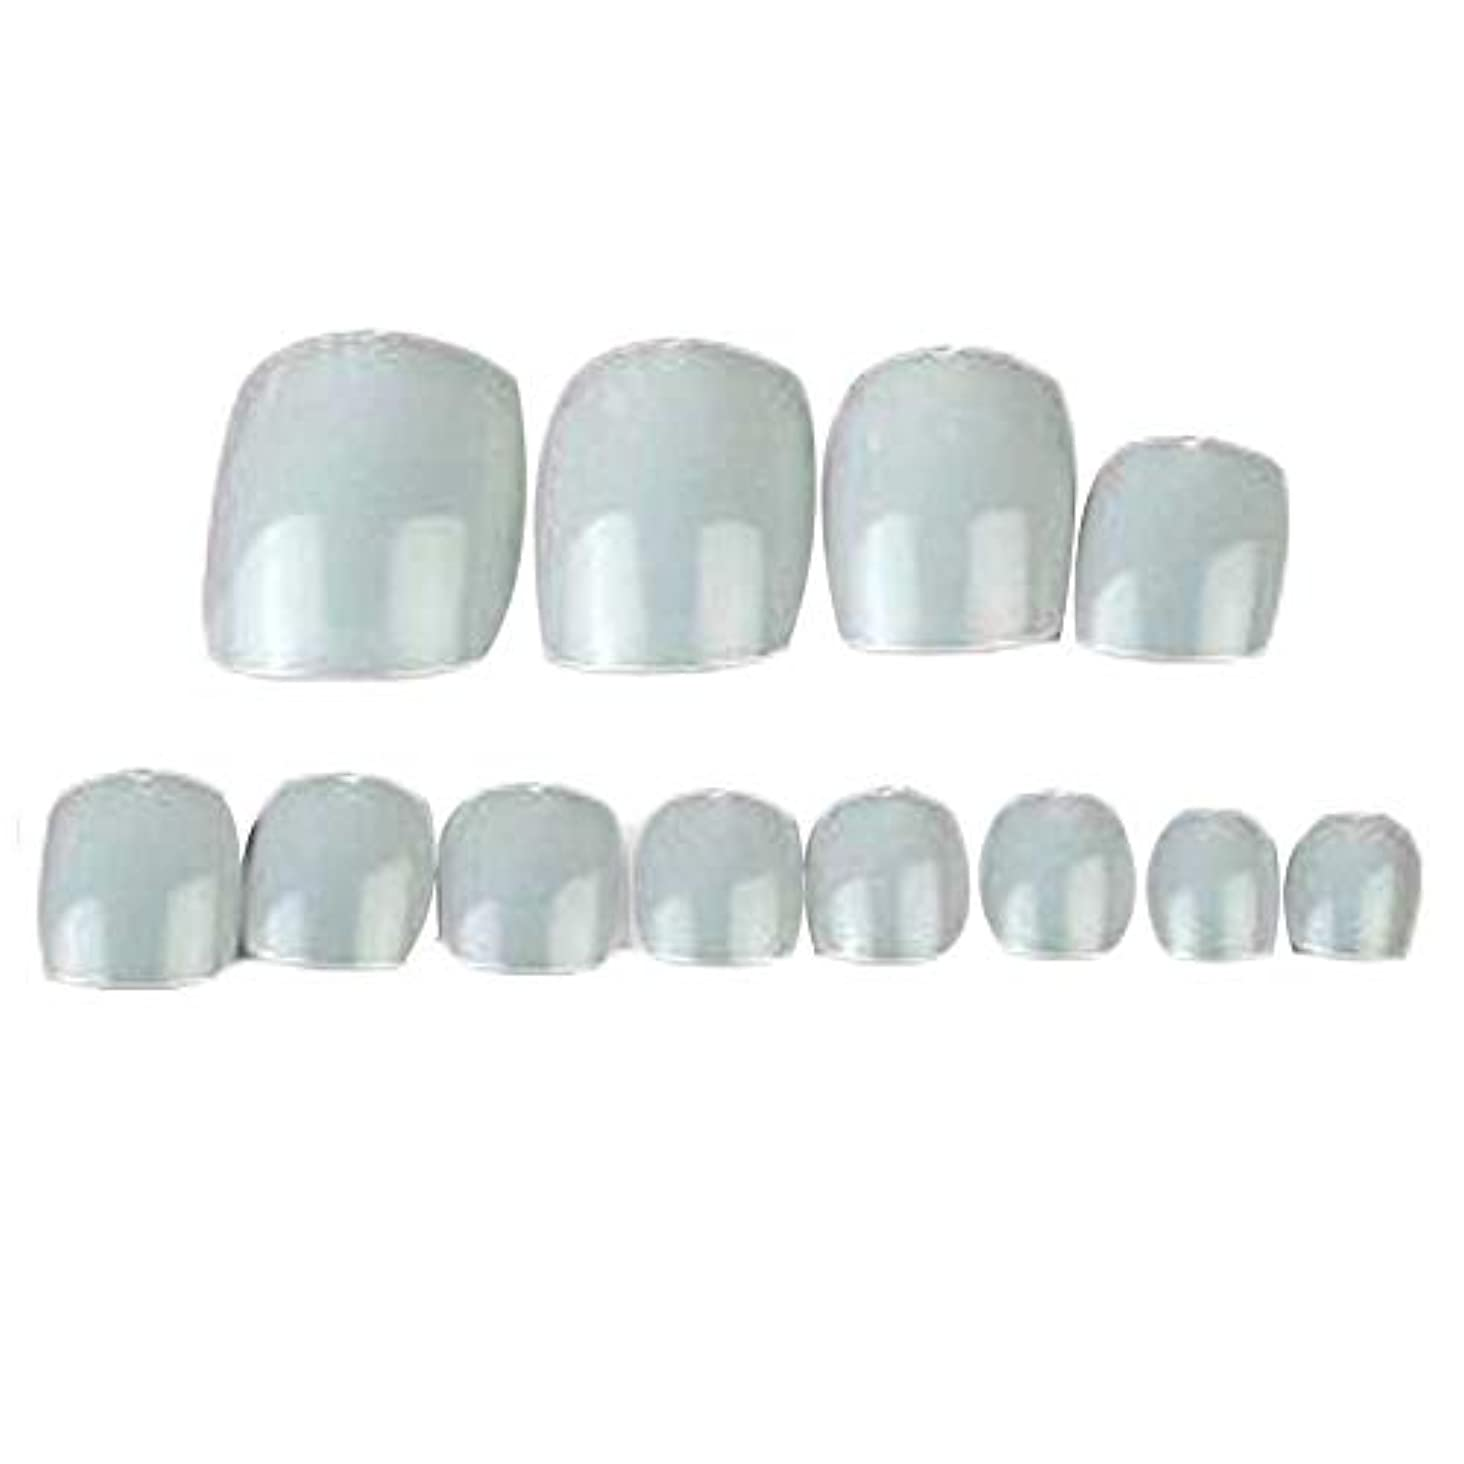 不要おじさんポジティブ500個のナチュラルカラー人工爪のヒントフルカバー偽爪